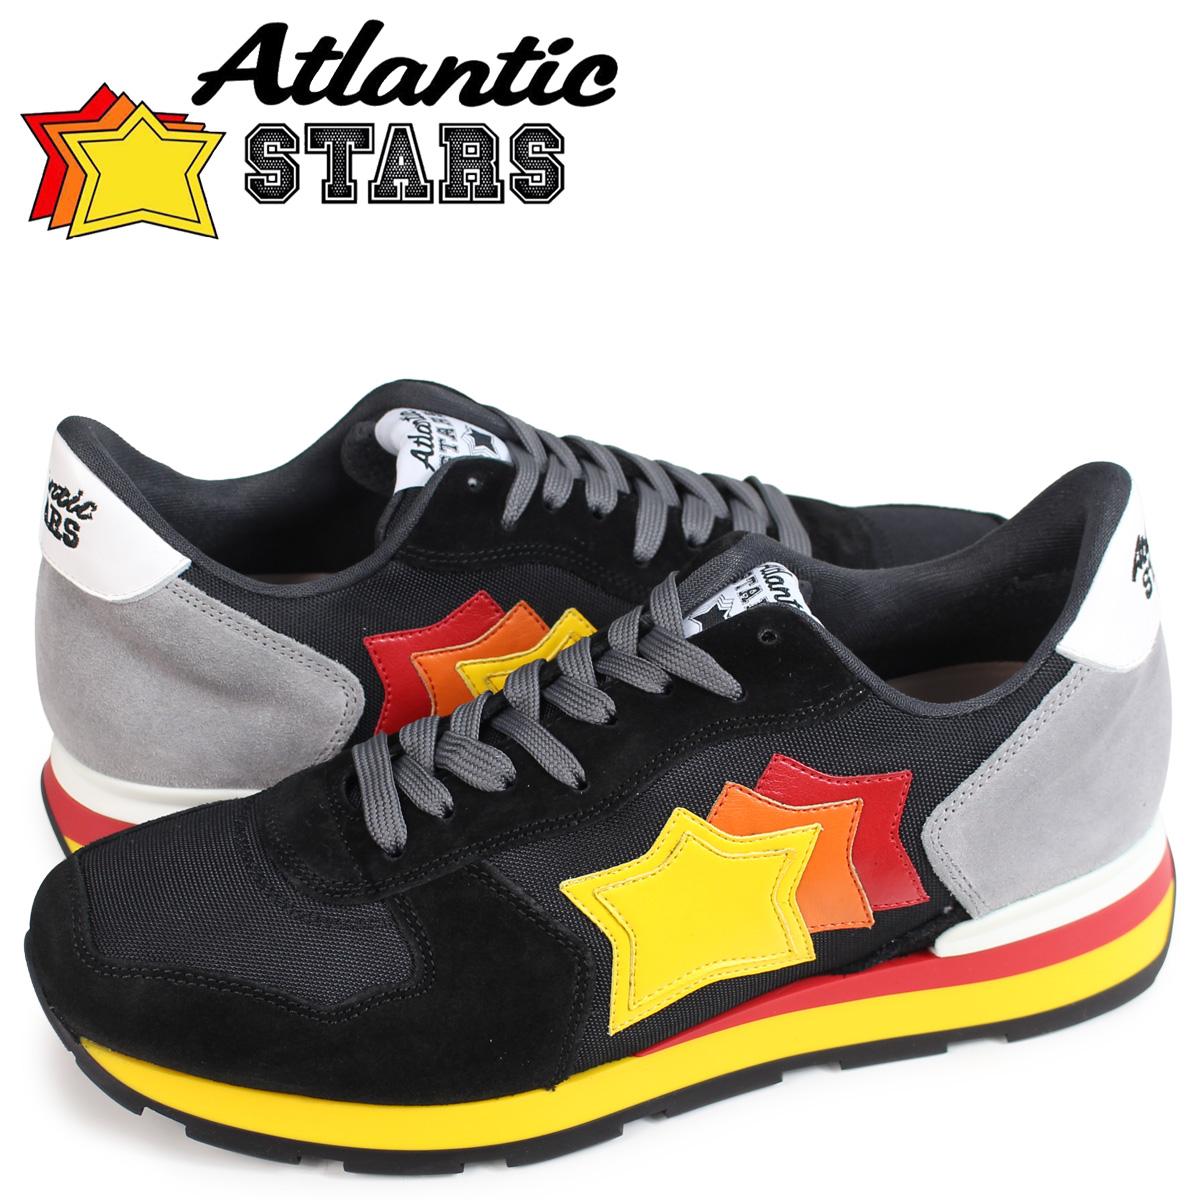 アトランティックスターズ Atlantic STARS アンタレス スニーカー メンズ ANTARES ブラック NCB-89B